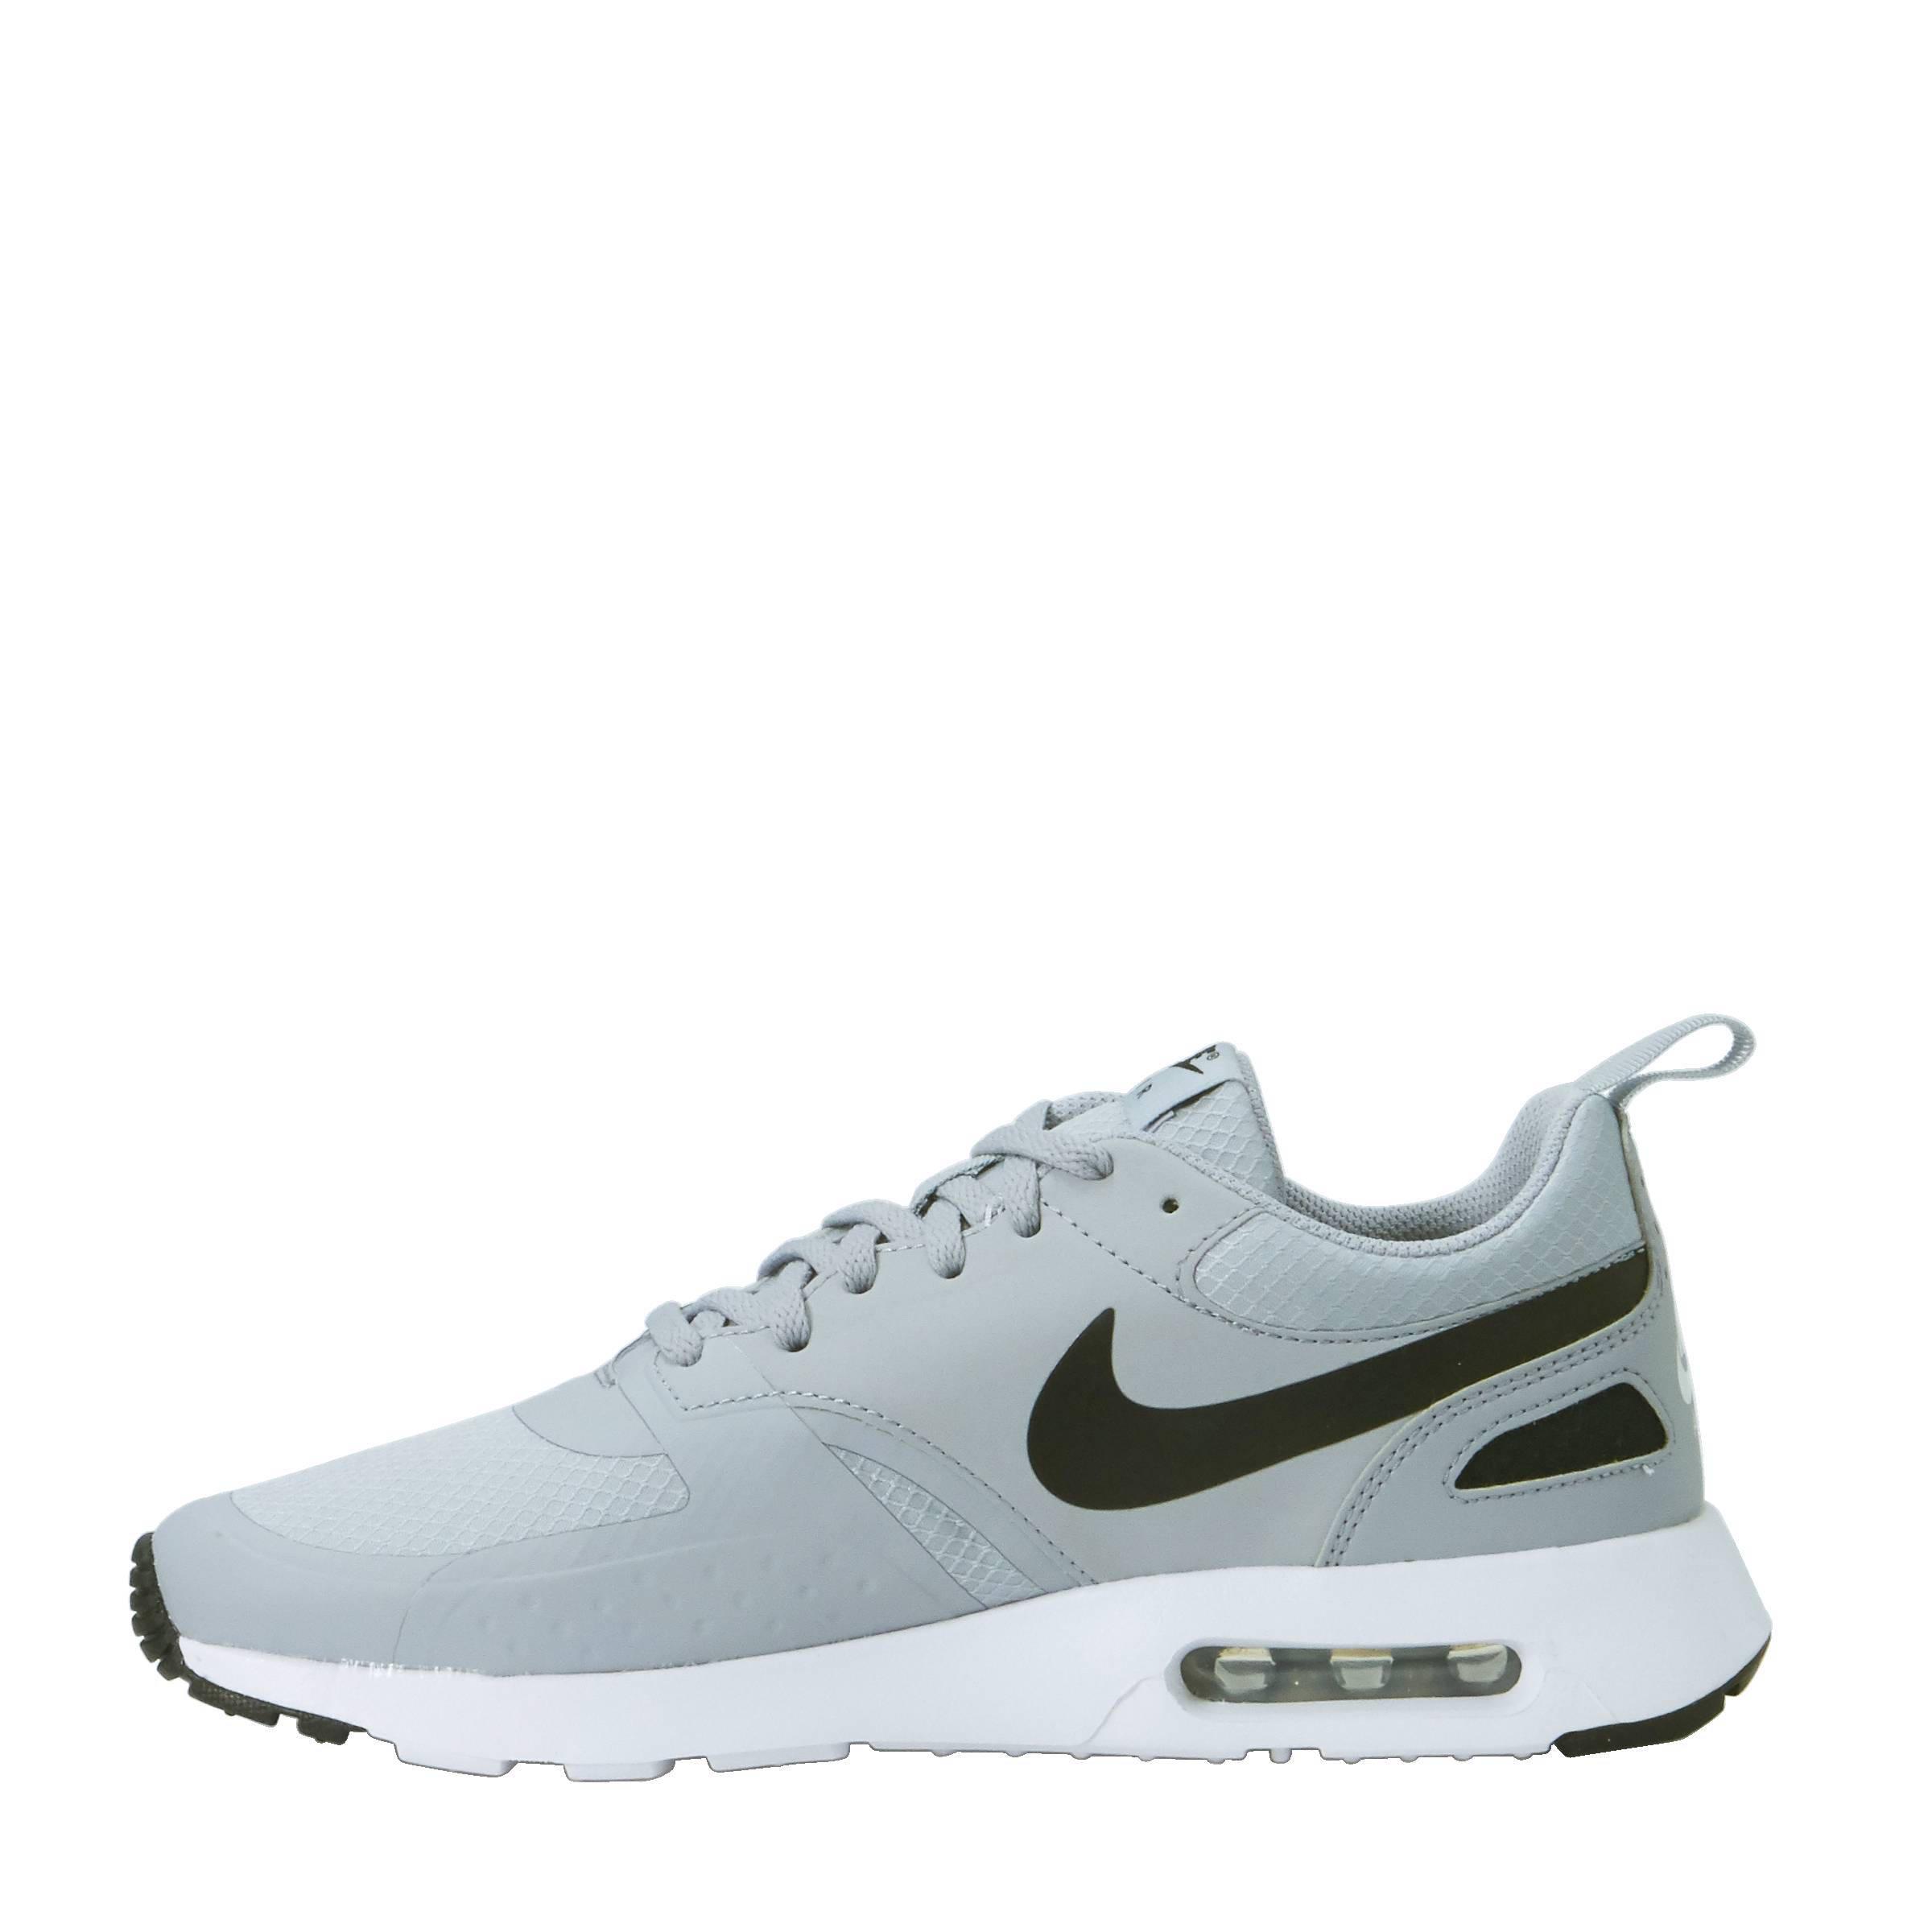 Air Max Vision SE sneakers